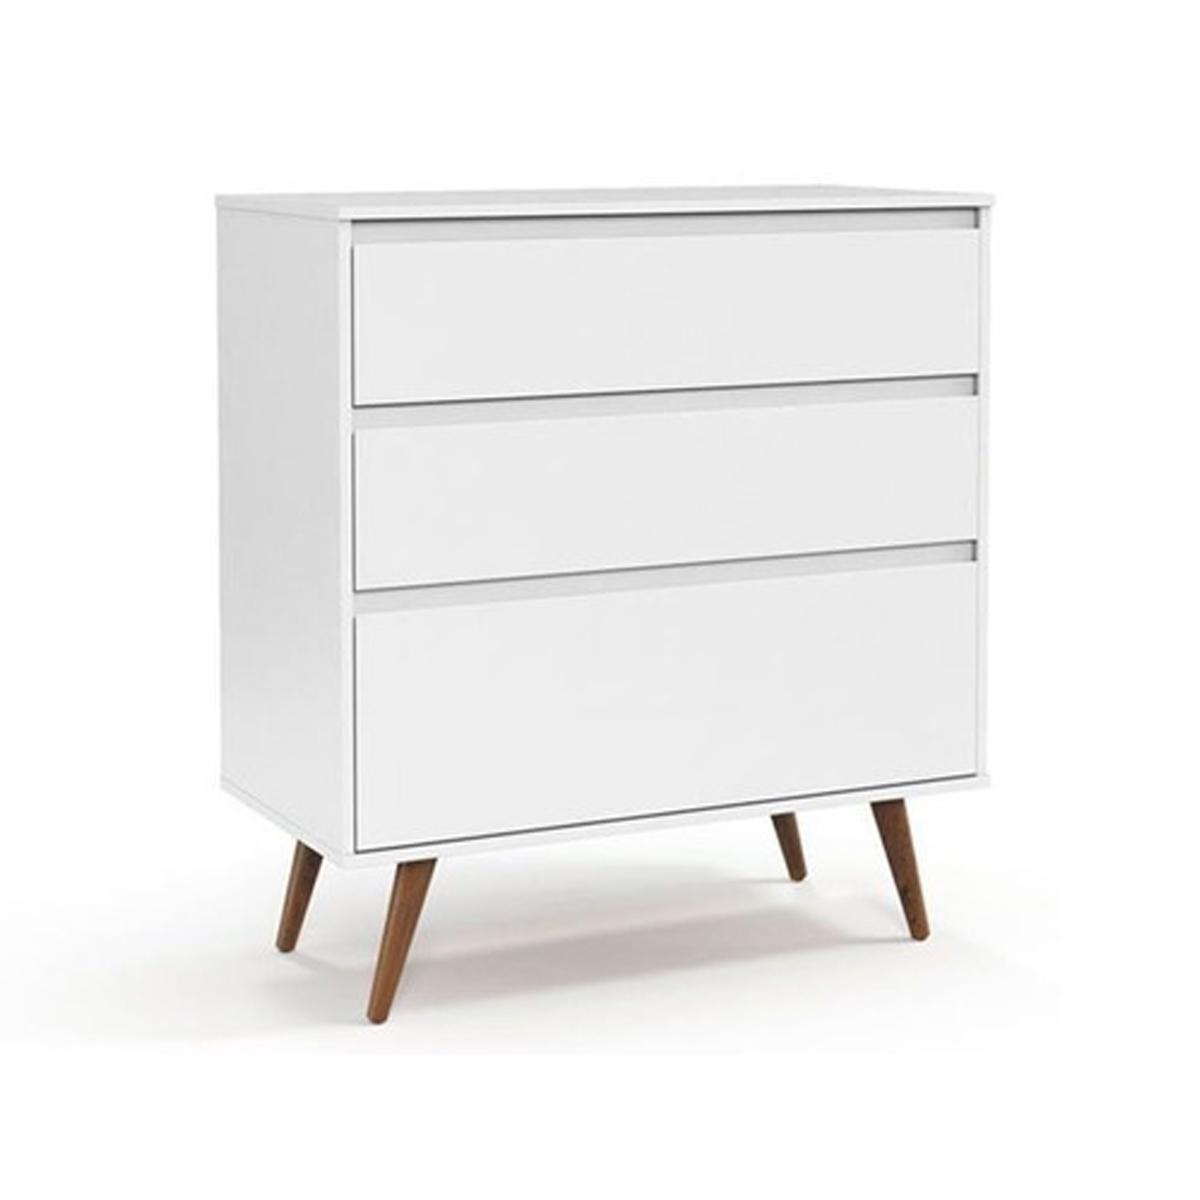 Berço e Cômoda Retrô Clean Matic Cor Branco Soft Eco Wood